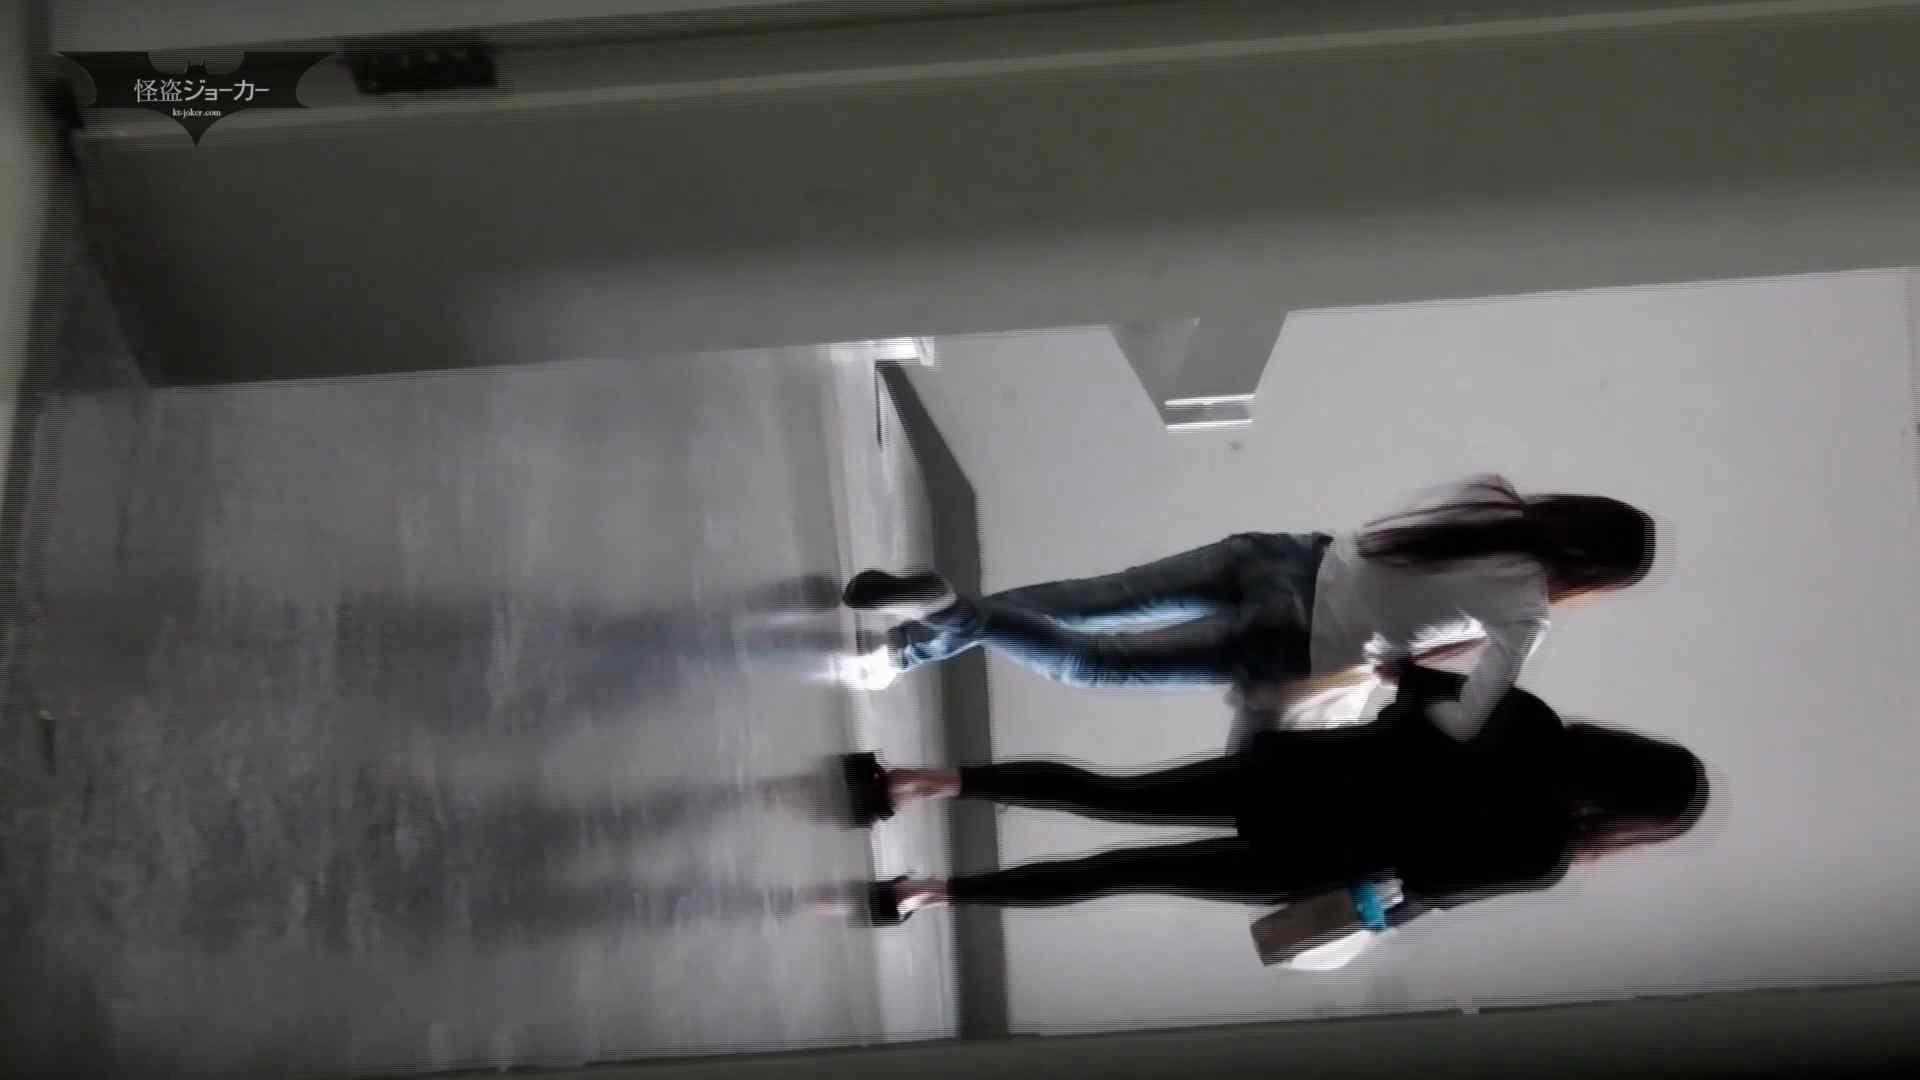 潜入!!台湾名門女学院 Vol.11 三尻同時狩り 美女 戯れ無修正画像 93連発 23